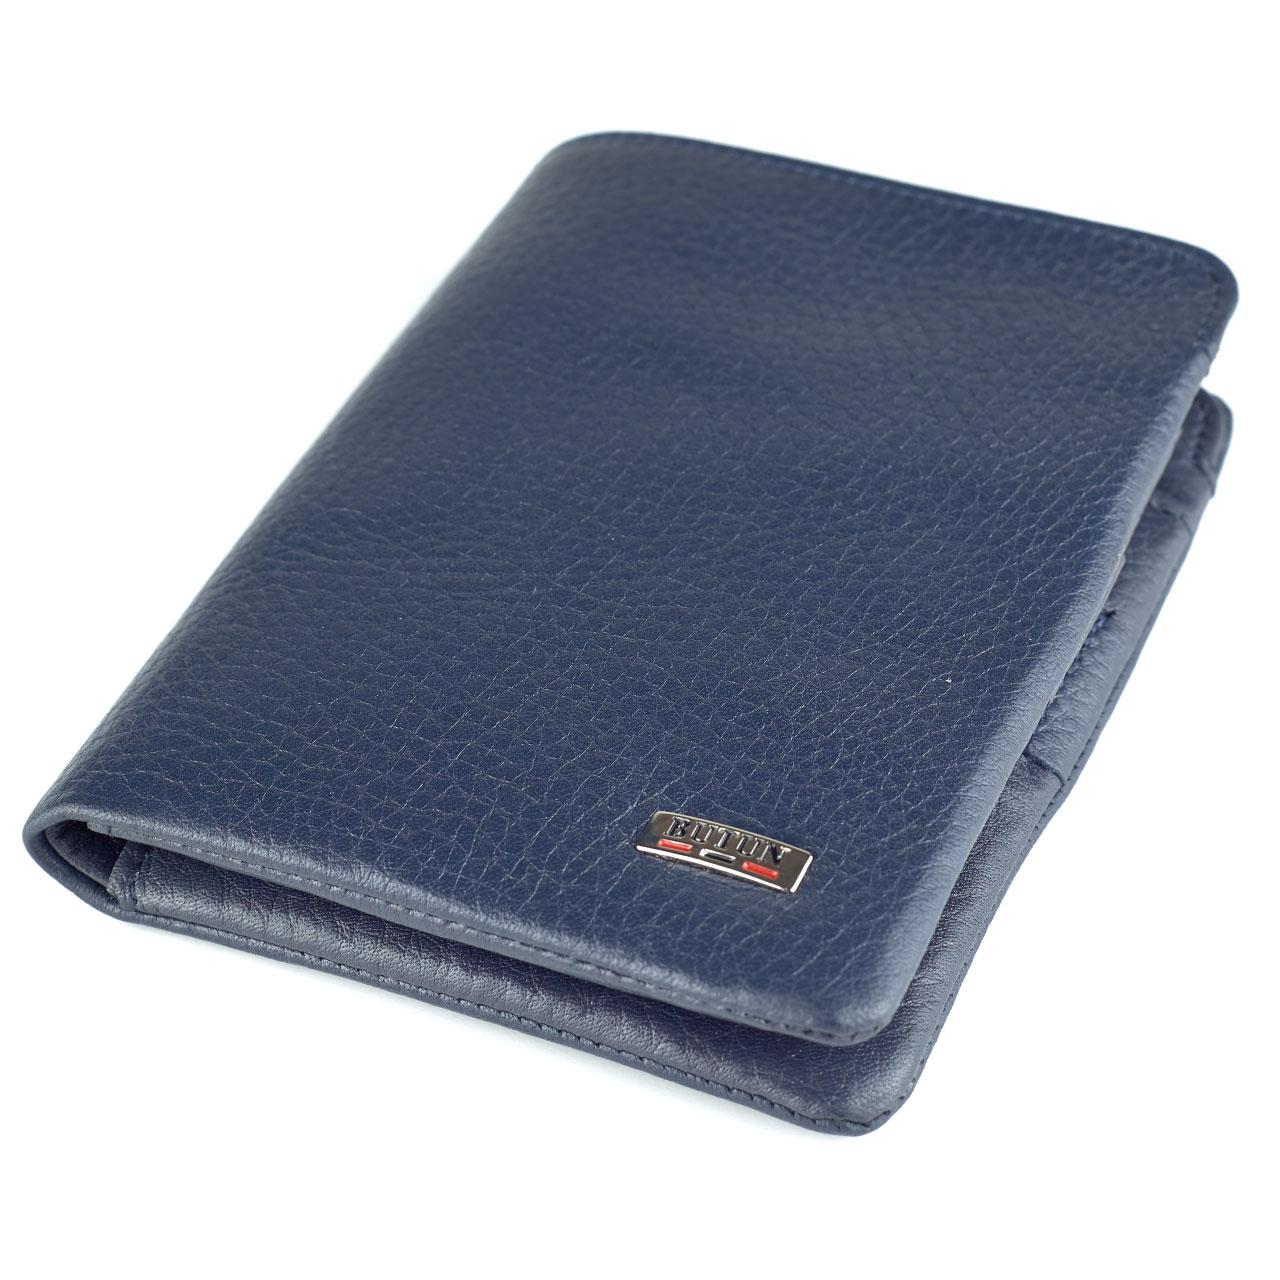 Мужской кошелек BUTUN 237-004-034 кожаный синий